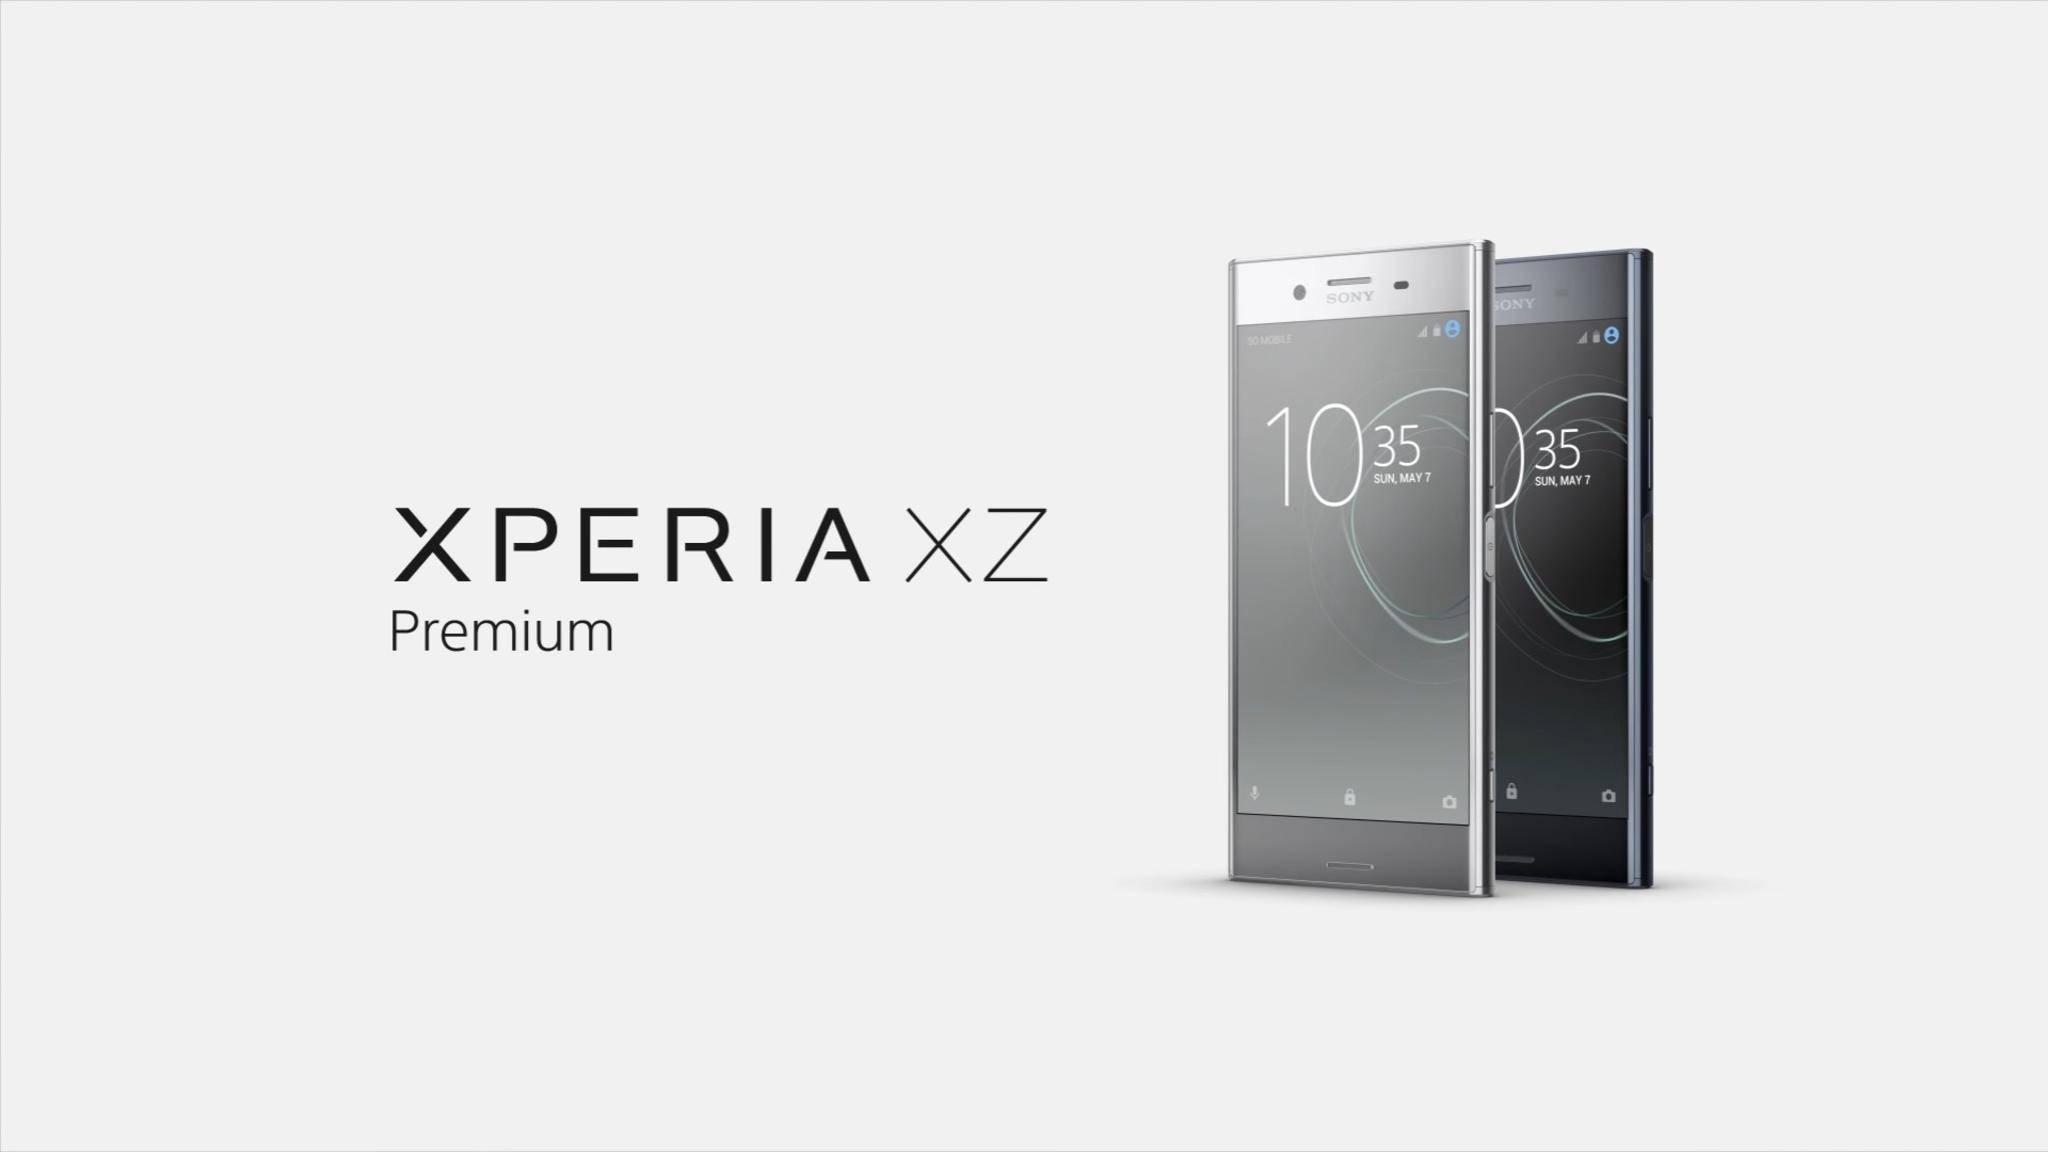 Ehre, wem Ehre gebührt: Sony ermöglichte mit dem Xperia XZ Premium erstmals die Superzeitlupe bei Smartphones.